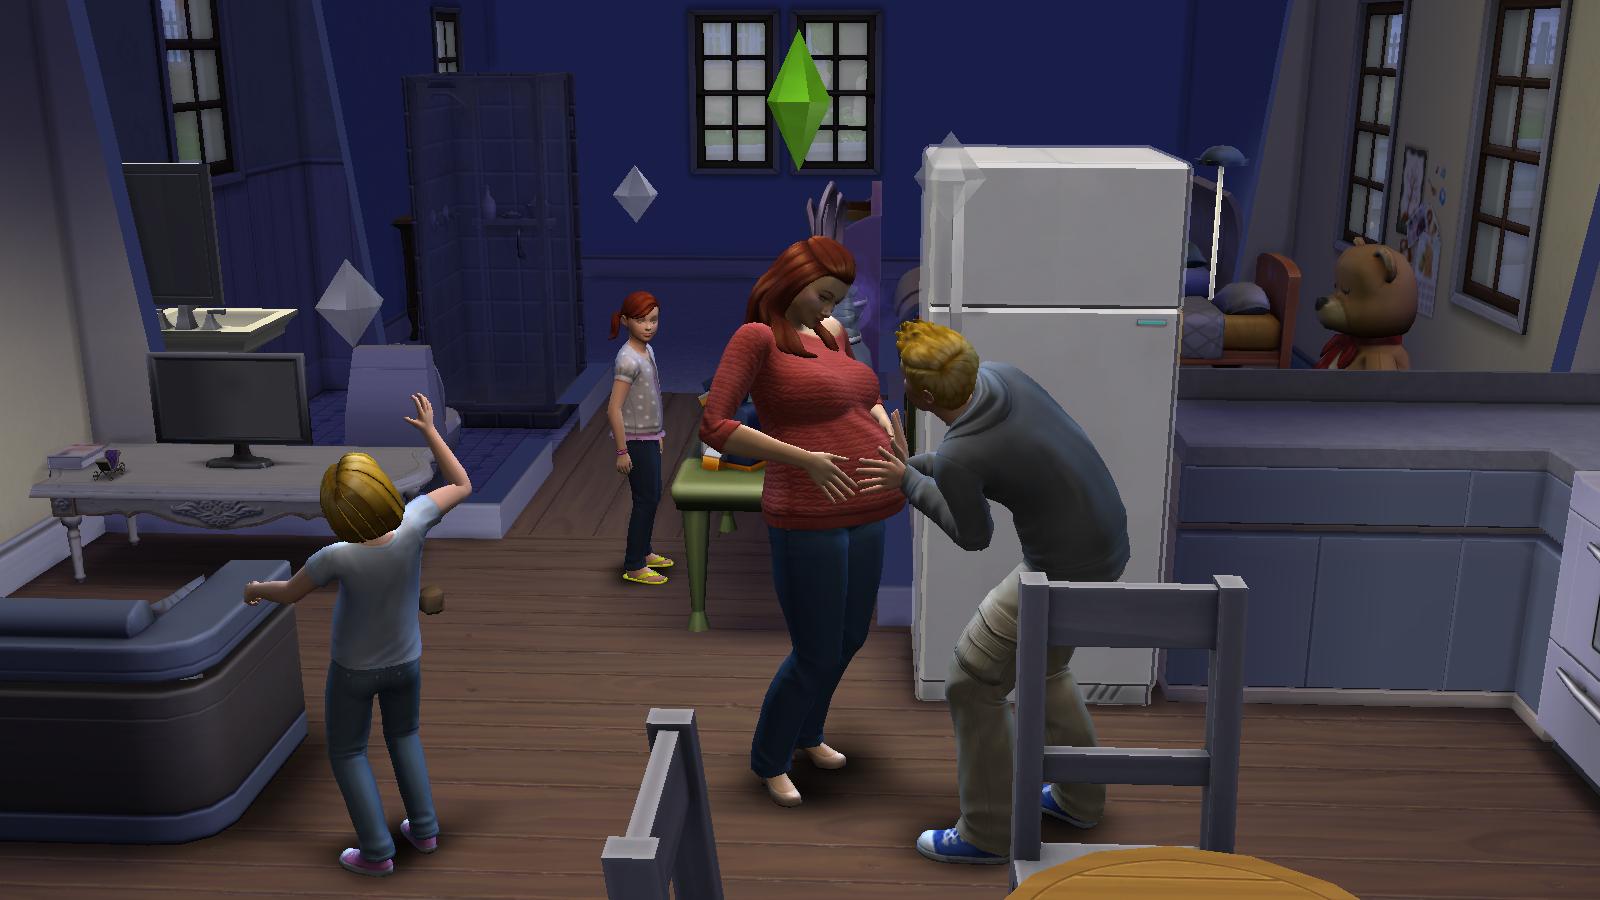 Review of The Sims 4 – Blue Sky Daze